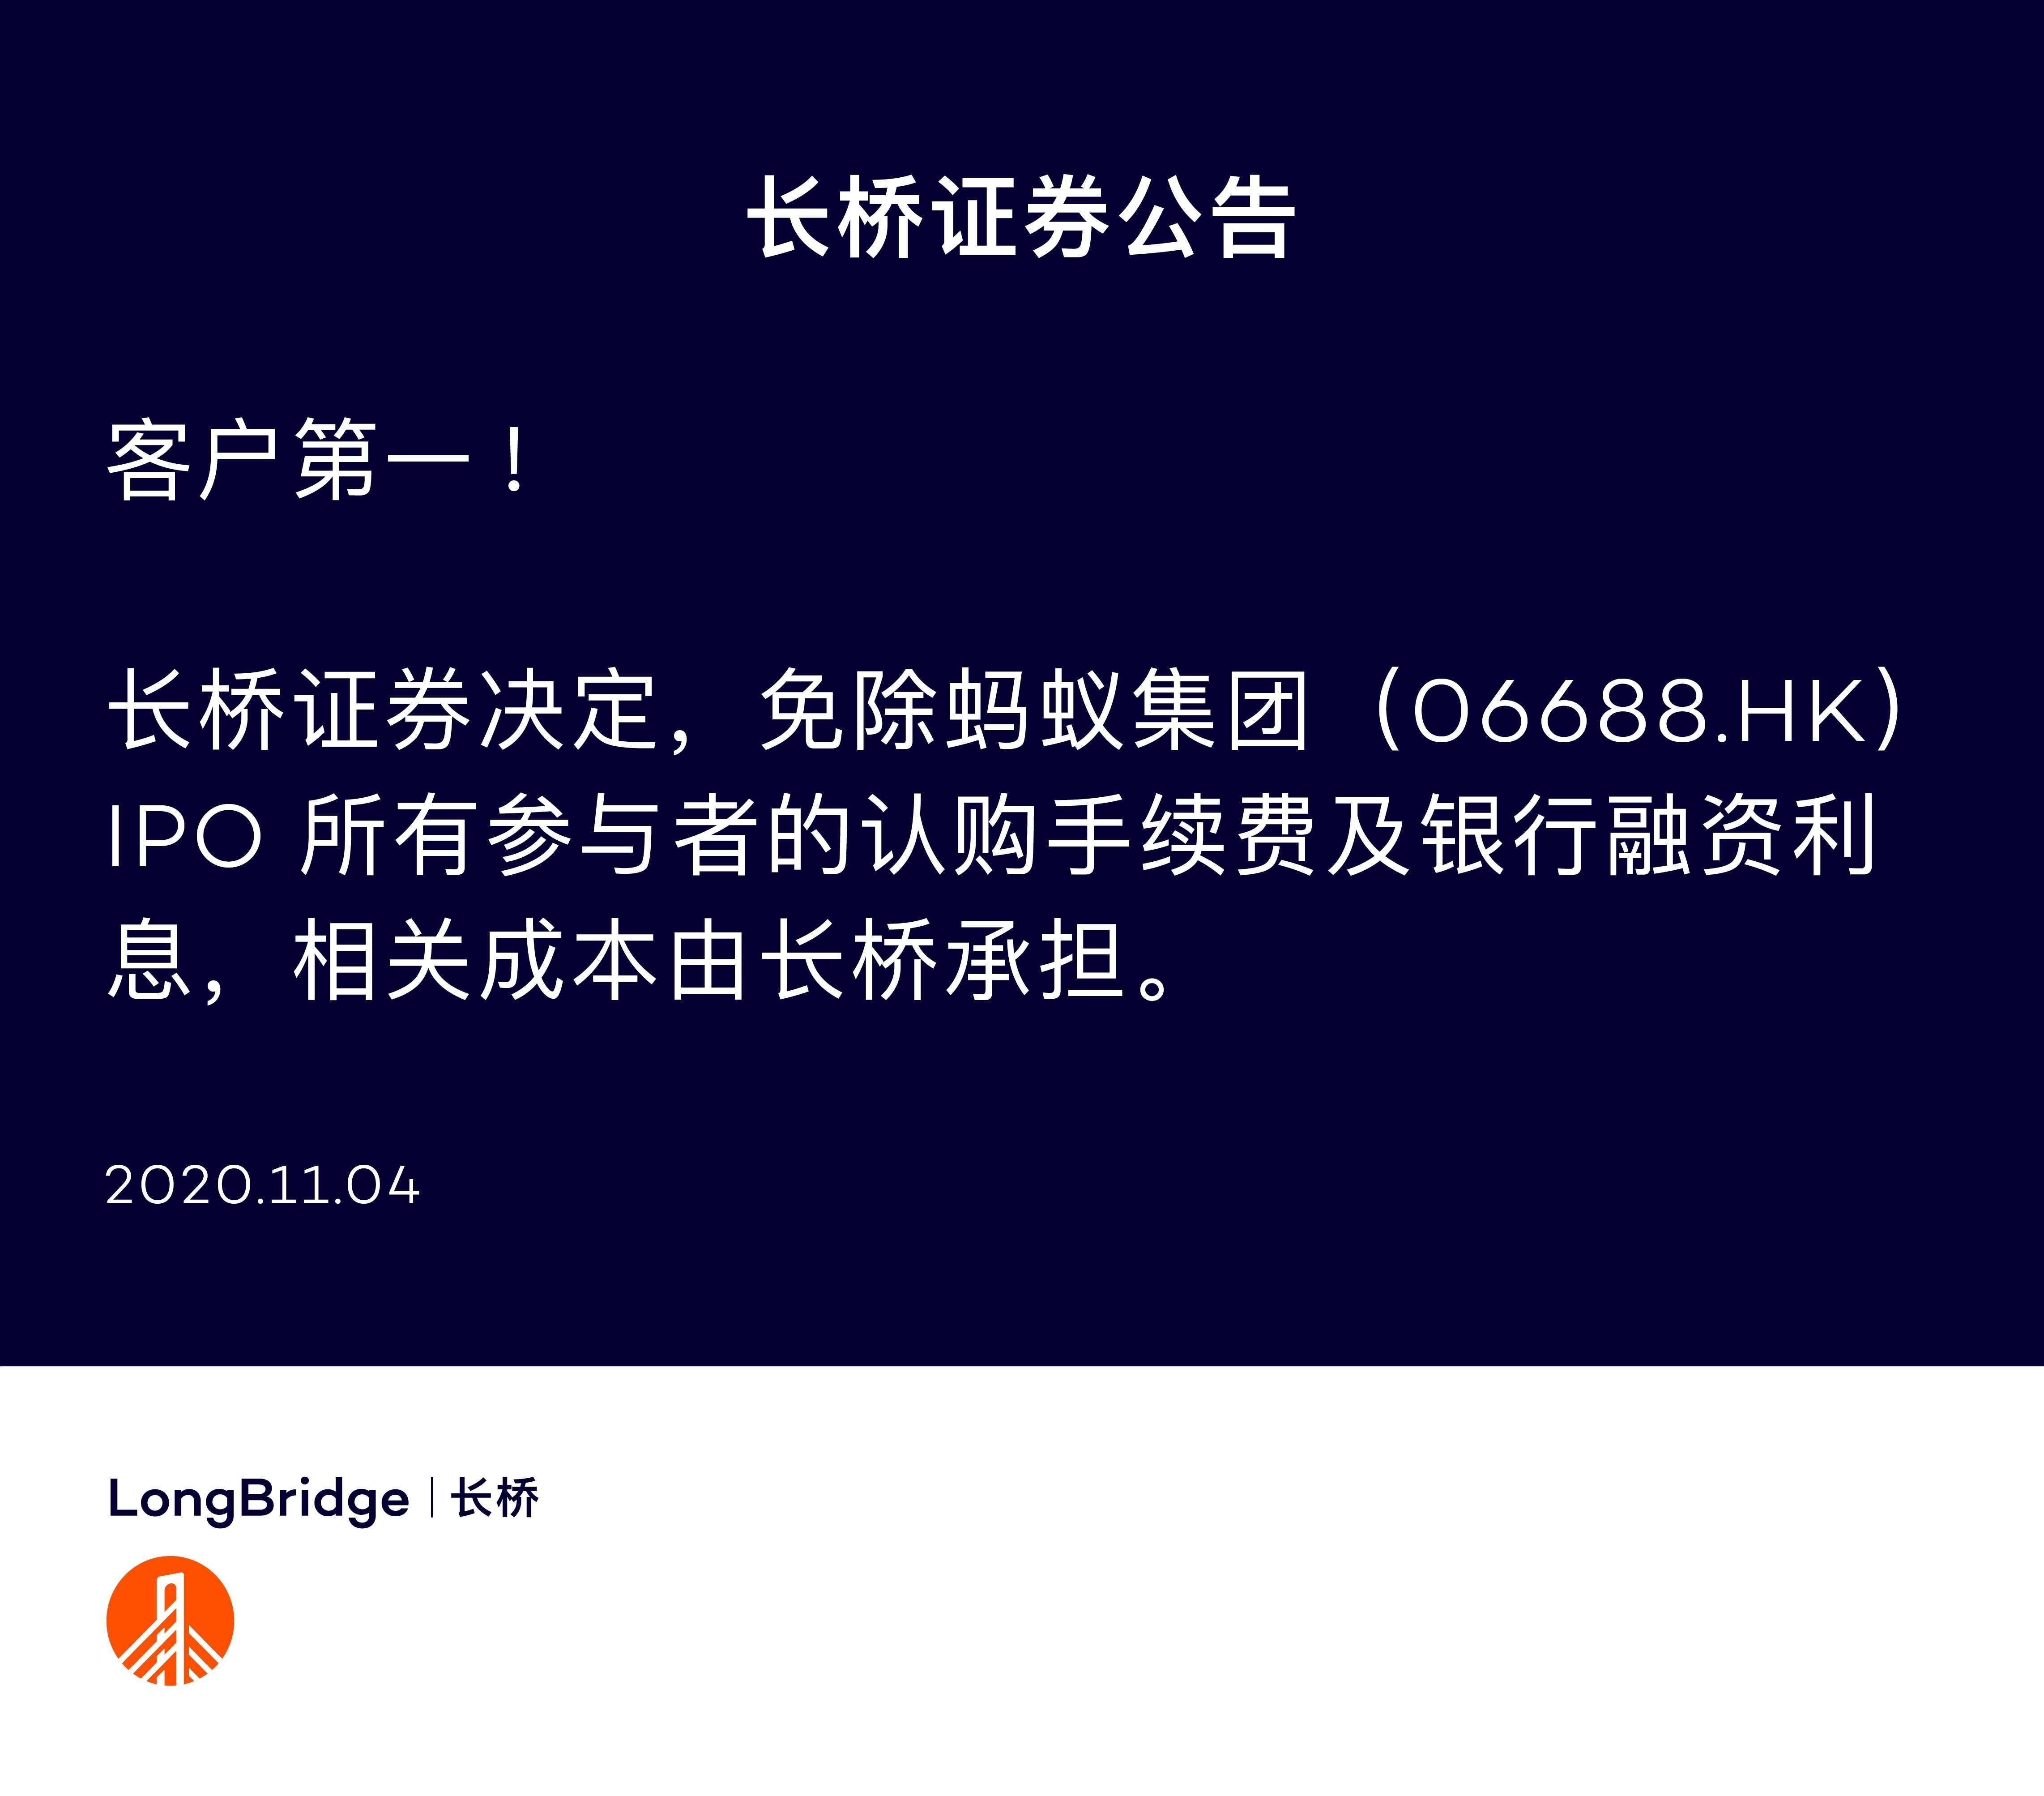 微信图片_20201104111049.jpg